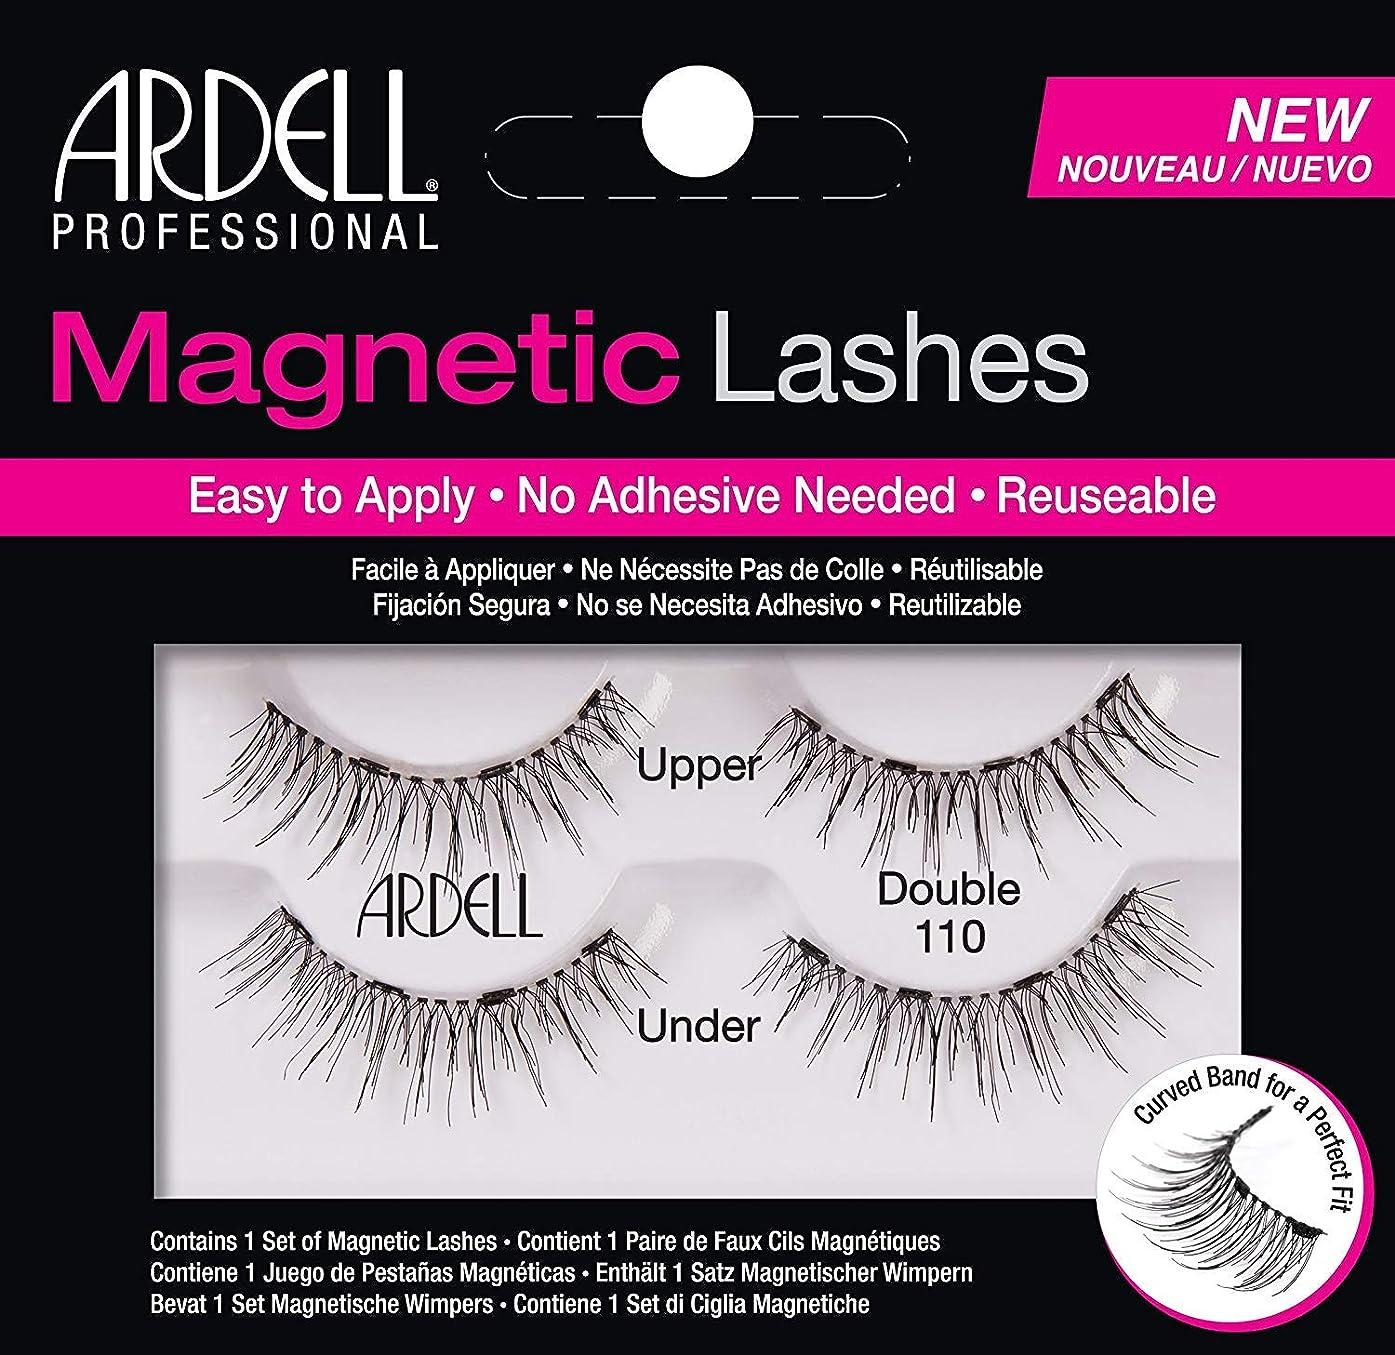 束心配する租界Ardell Magnetic Lashes Double 110